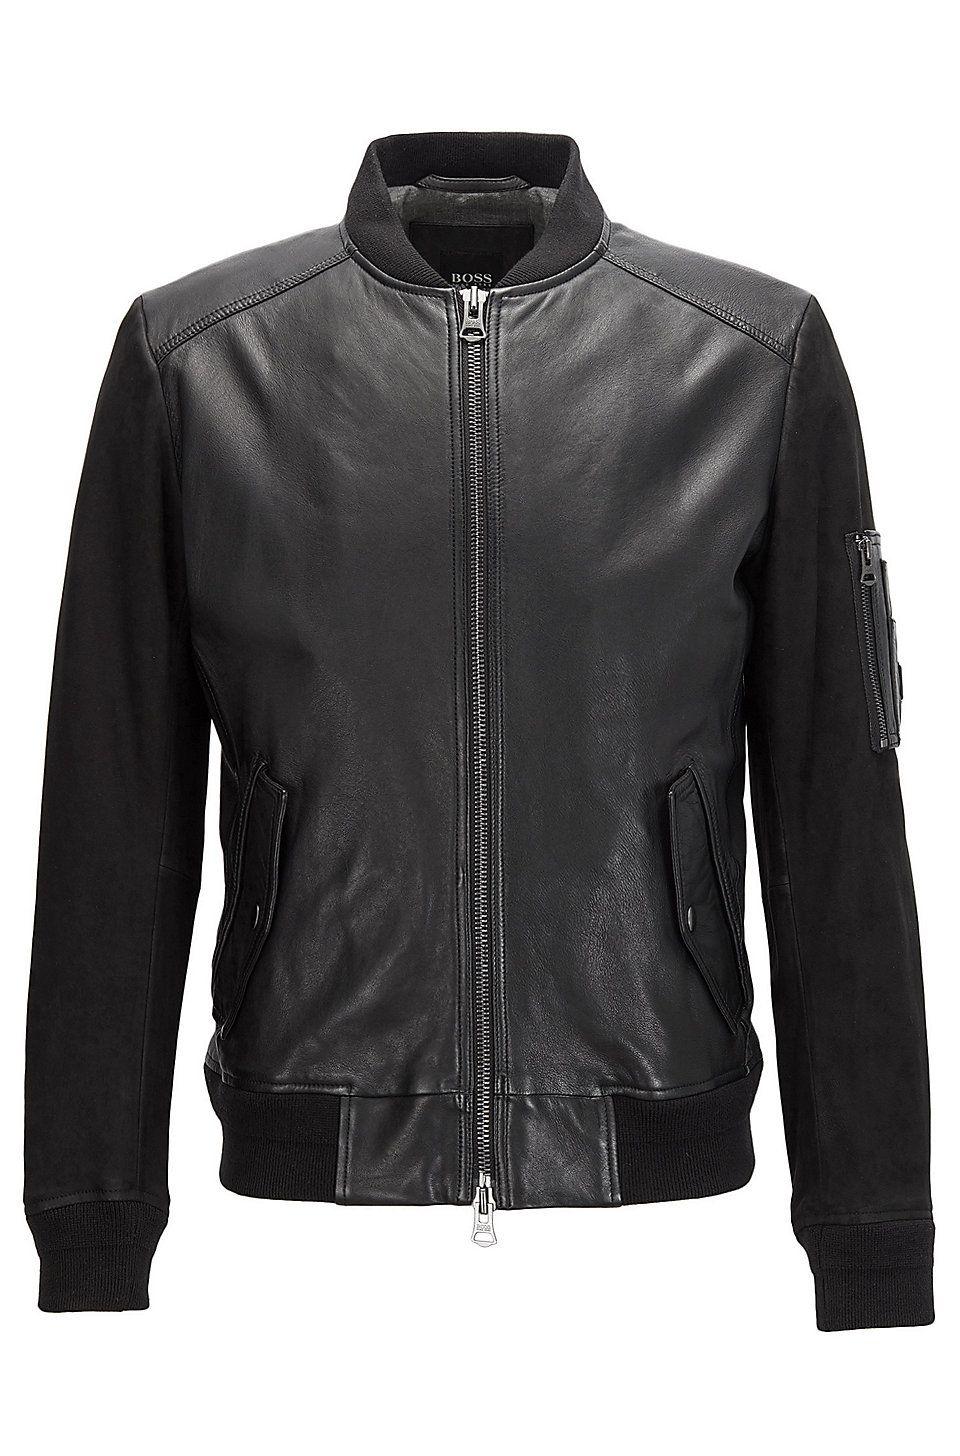 Sheepskin Leather Bomber Jacket Jixx (With images